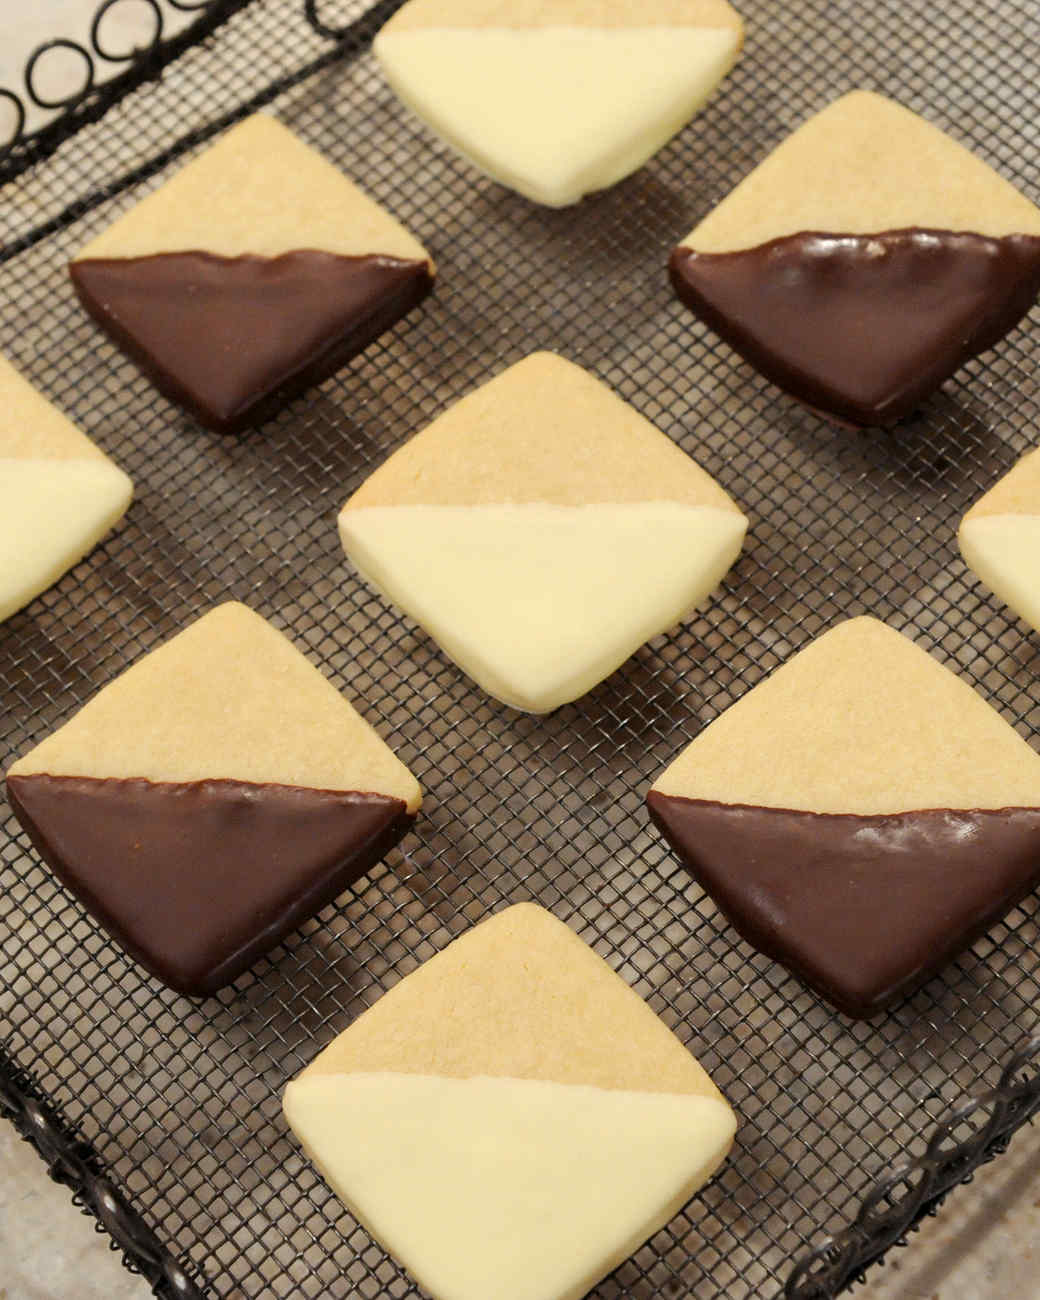 checkerboard-cookies-mslb7097.jpg